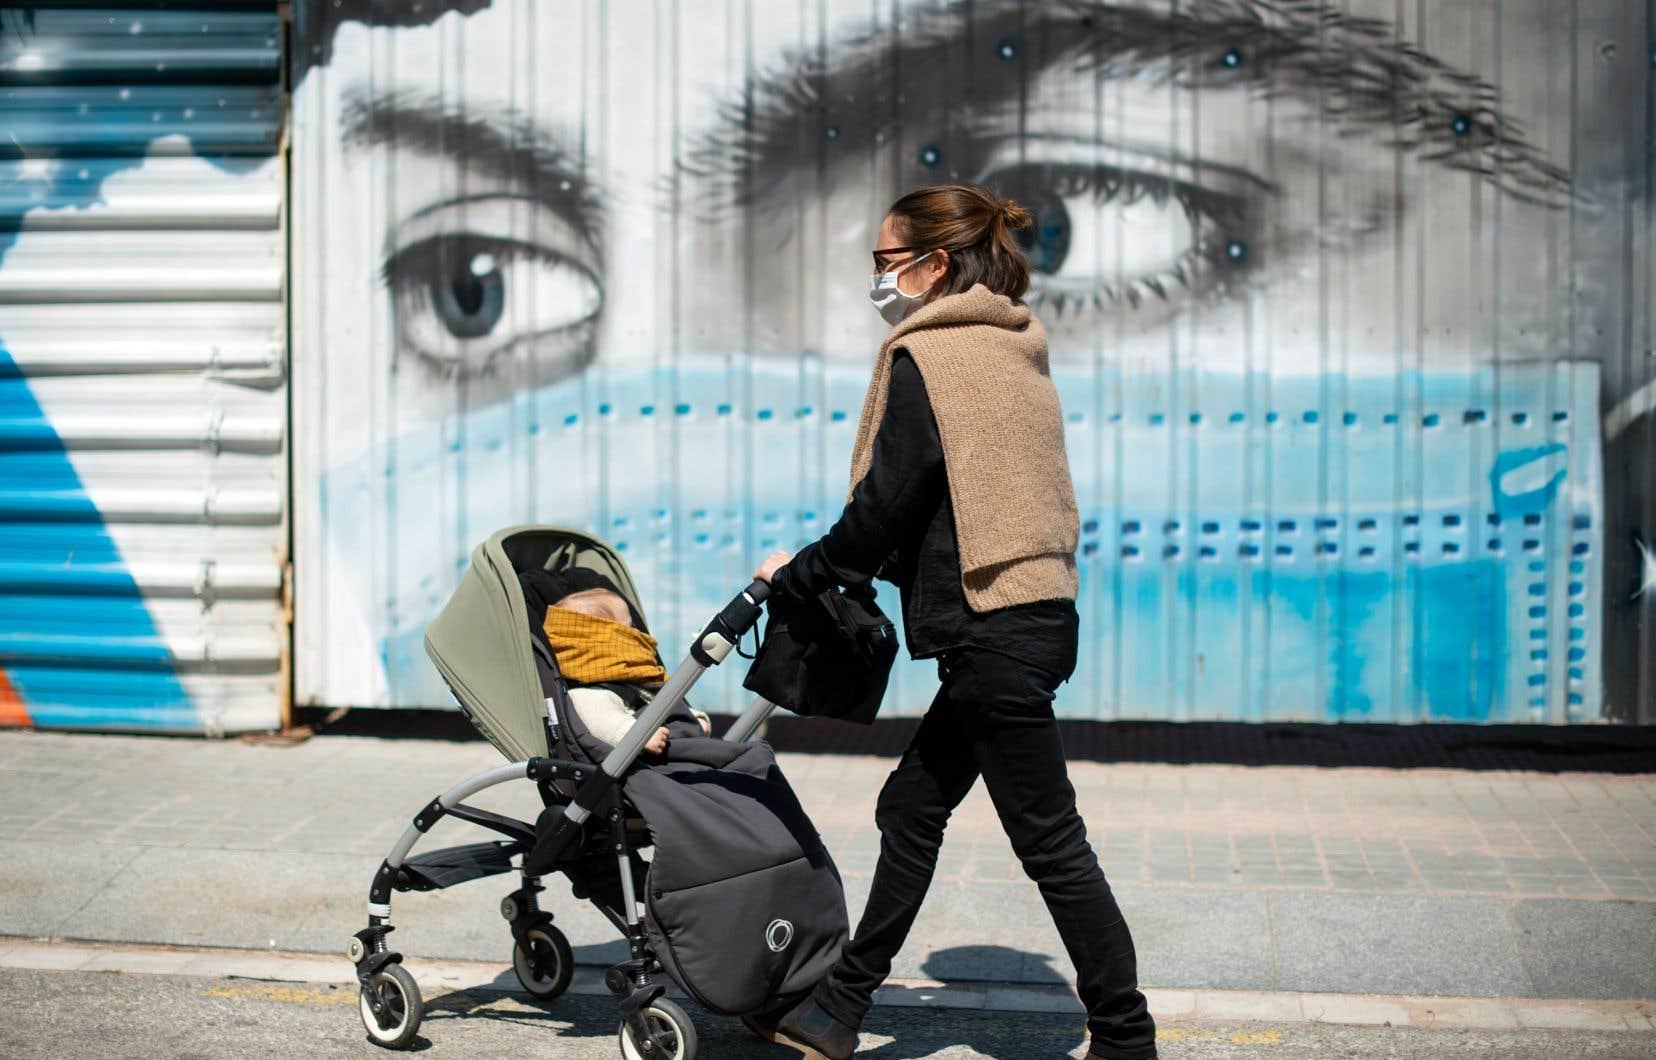 La récession de 2008 aux États-Unis avait fait chuter de 10 % le nombre de naissances l'année suivante.